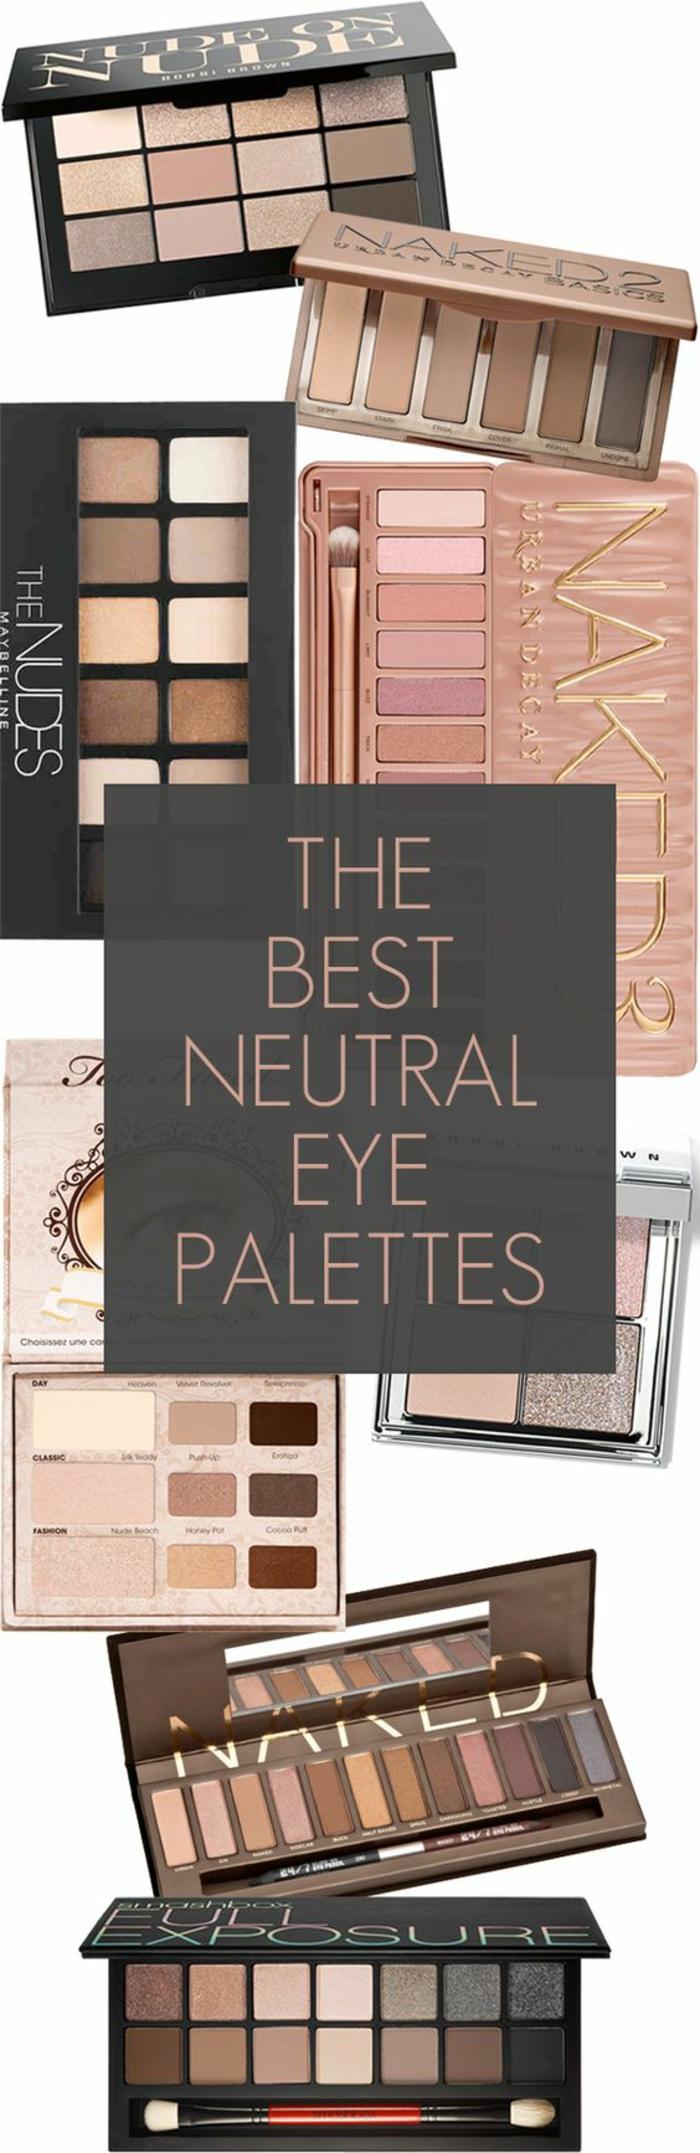 une sélection des meilleures palettes nude pour réaliser un maquillage naturel